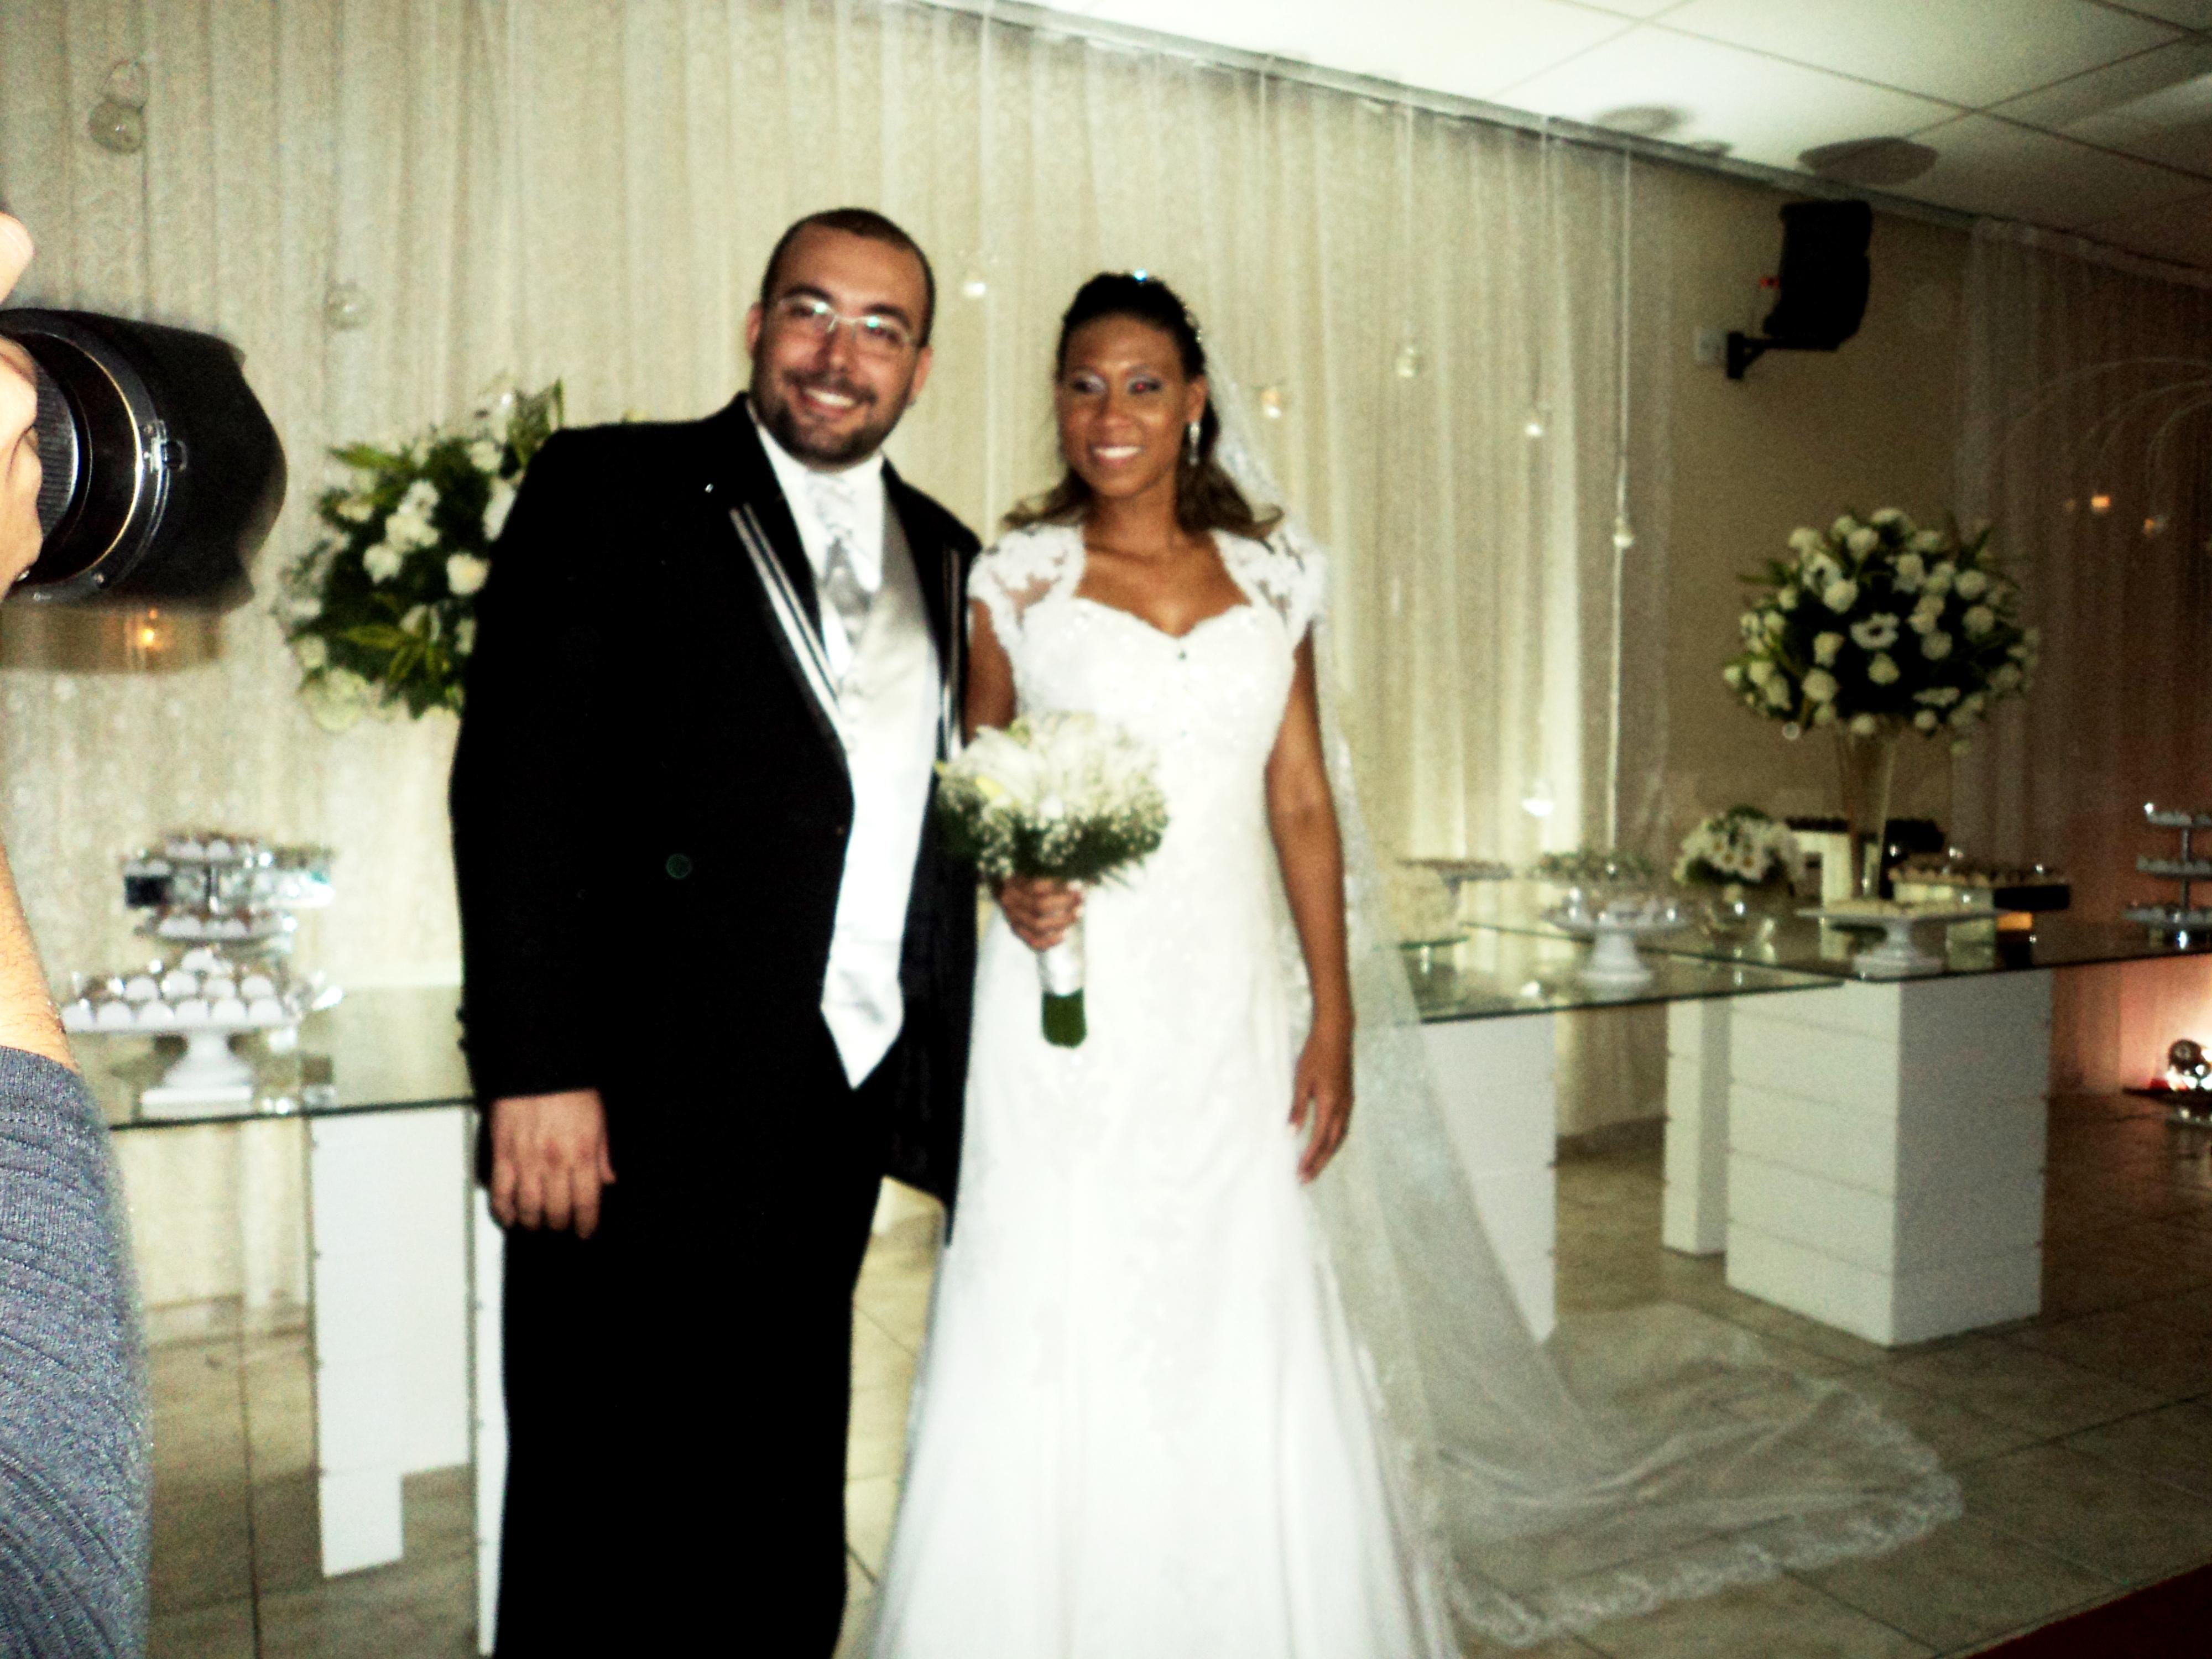 Os noivos Vanderlan e Lais logo após a cerimônia.